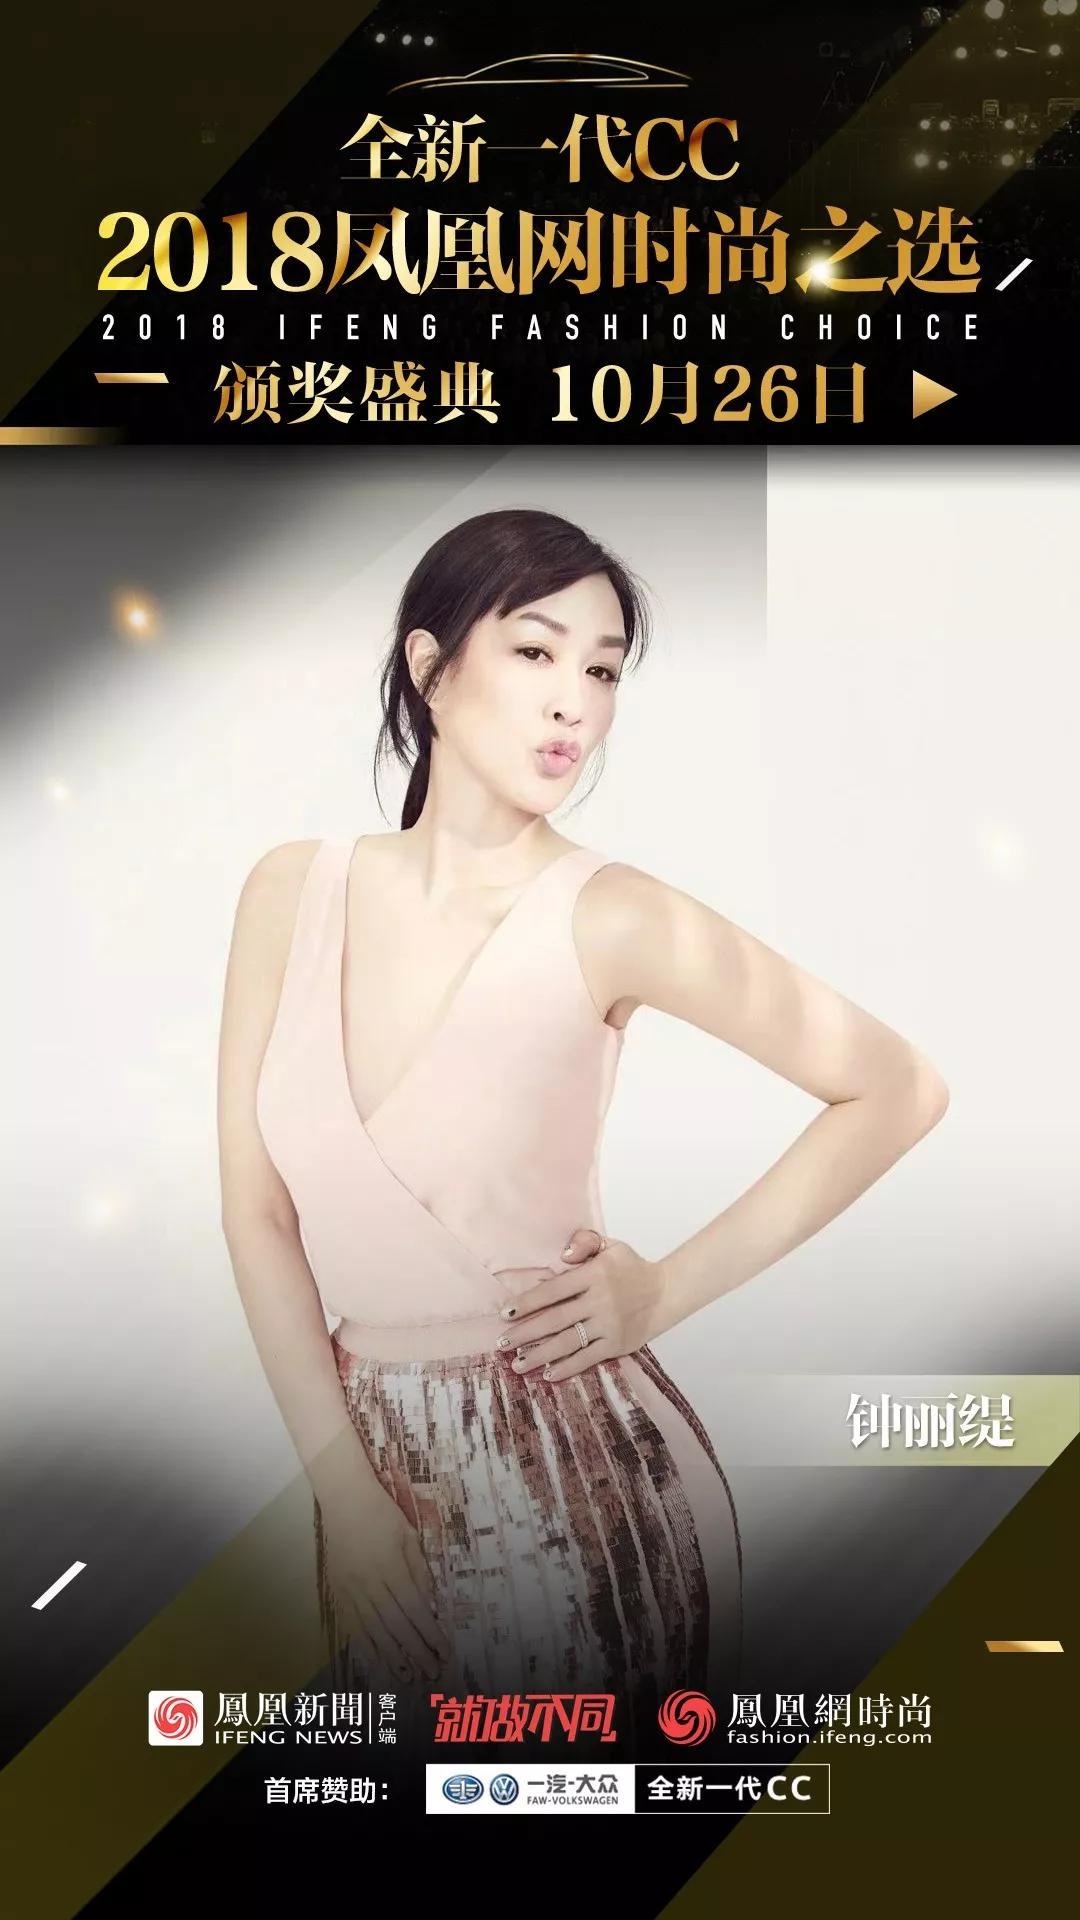 钟丽缇陈乔恩女神同台PK 今年娱乐圈最精彩的宫斗大戏即将上演